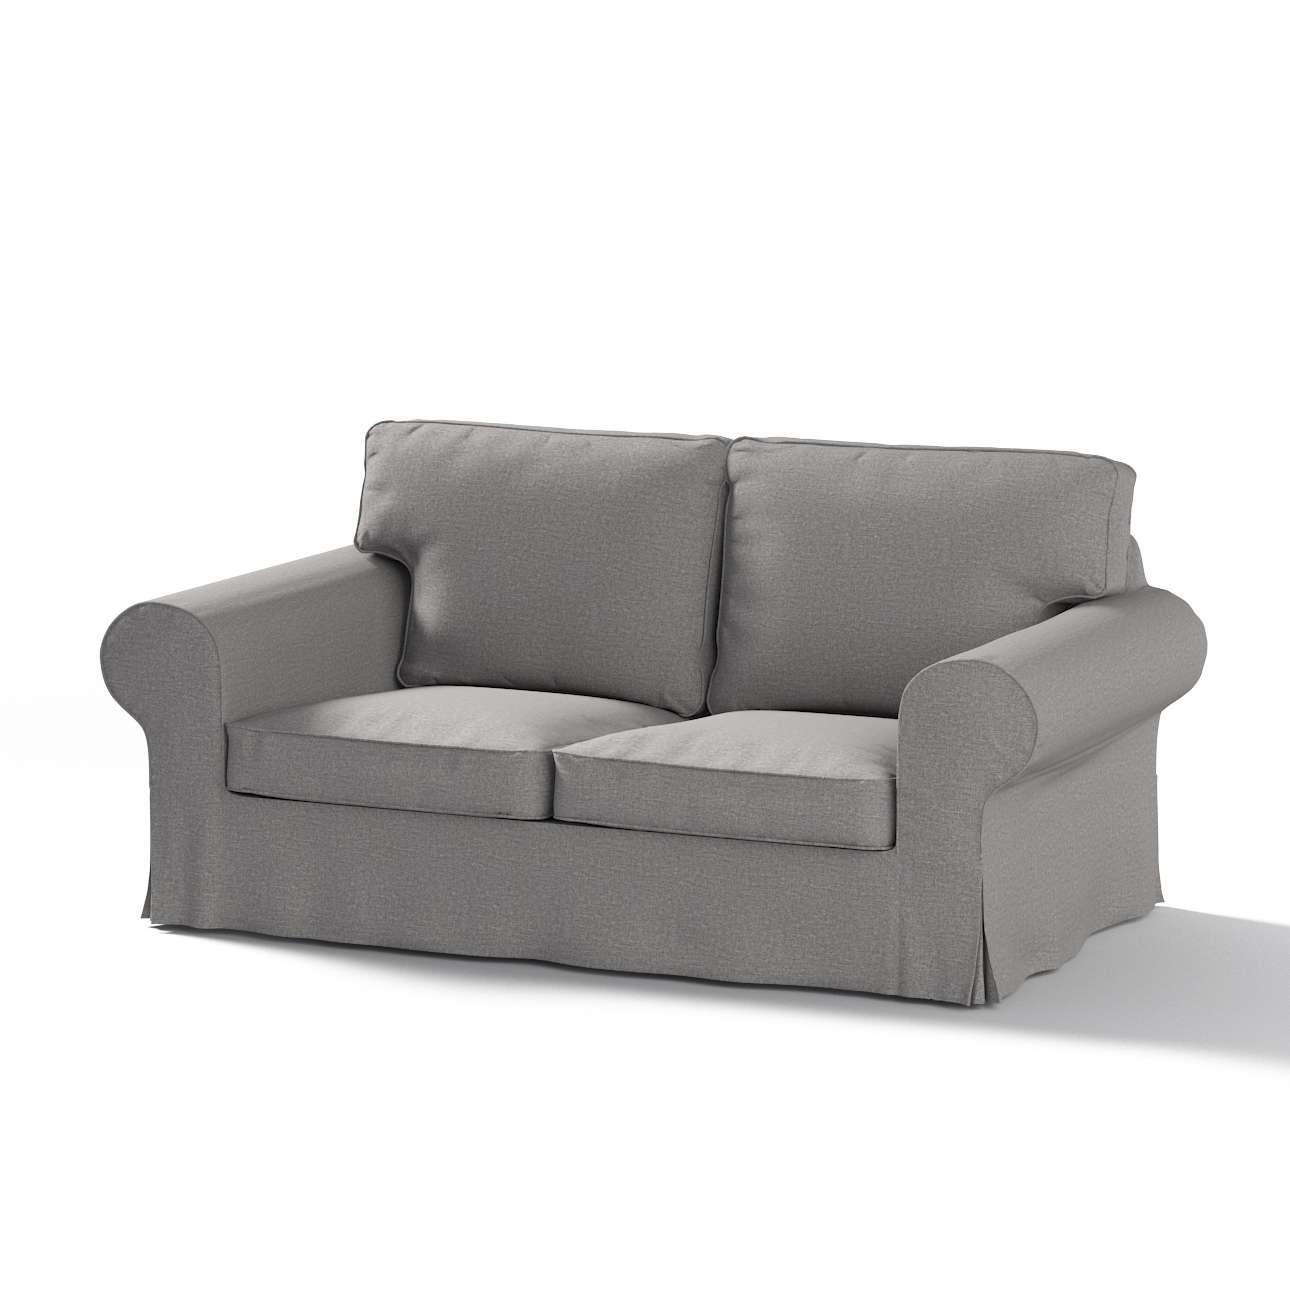 Pokrowiec na sofę Ektorp 2-osobową rozkładana NOWY MODEL 2012 sofa ektorp 2-osobowa rozkładana NOWY MODEL w kolekcji Edinburgh, tkanina: 115-81